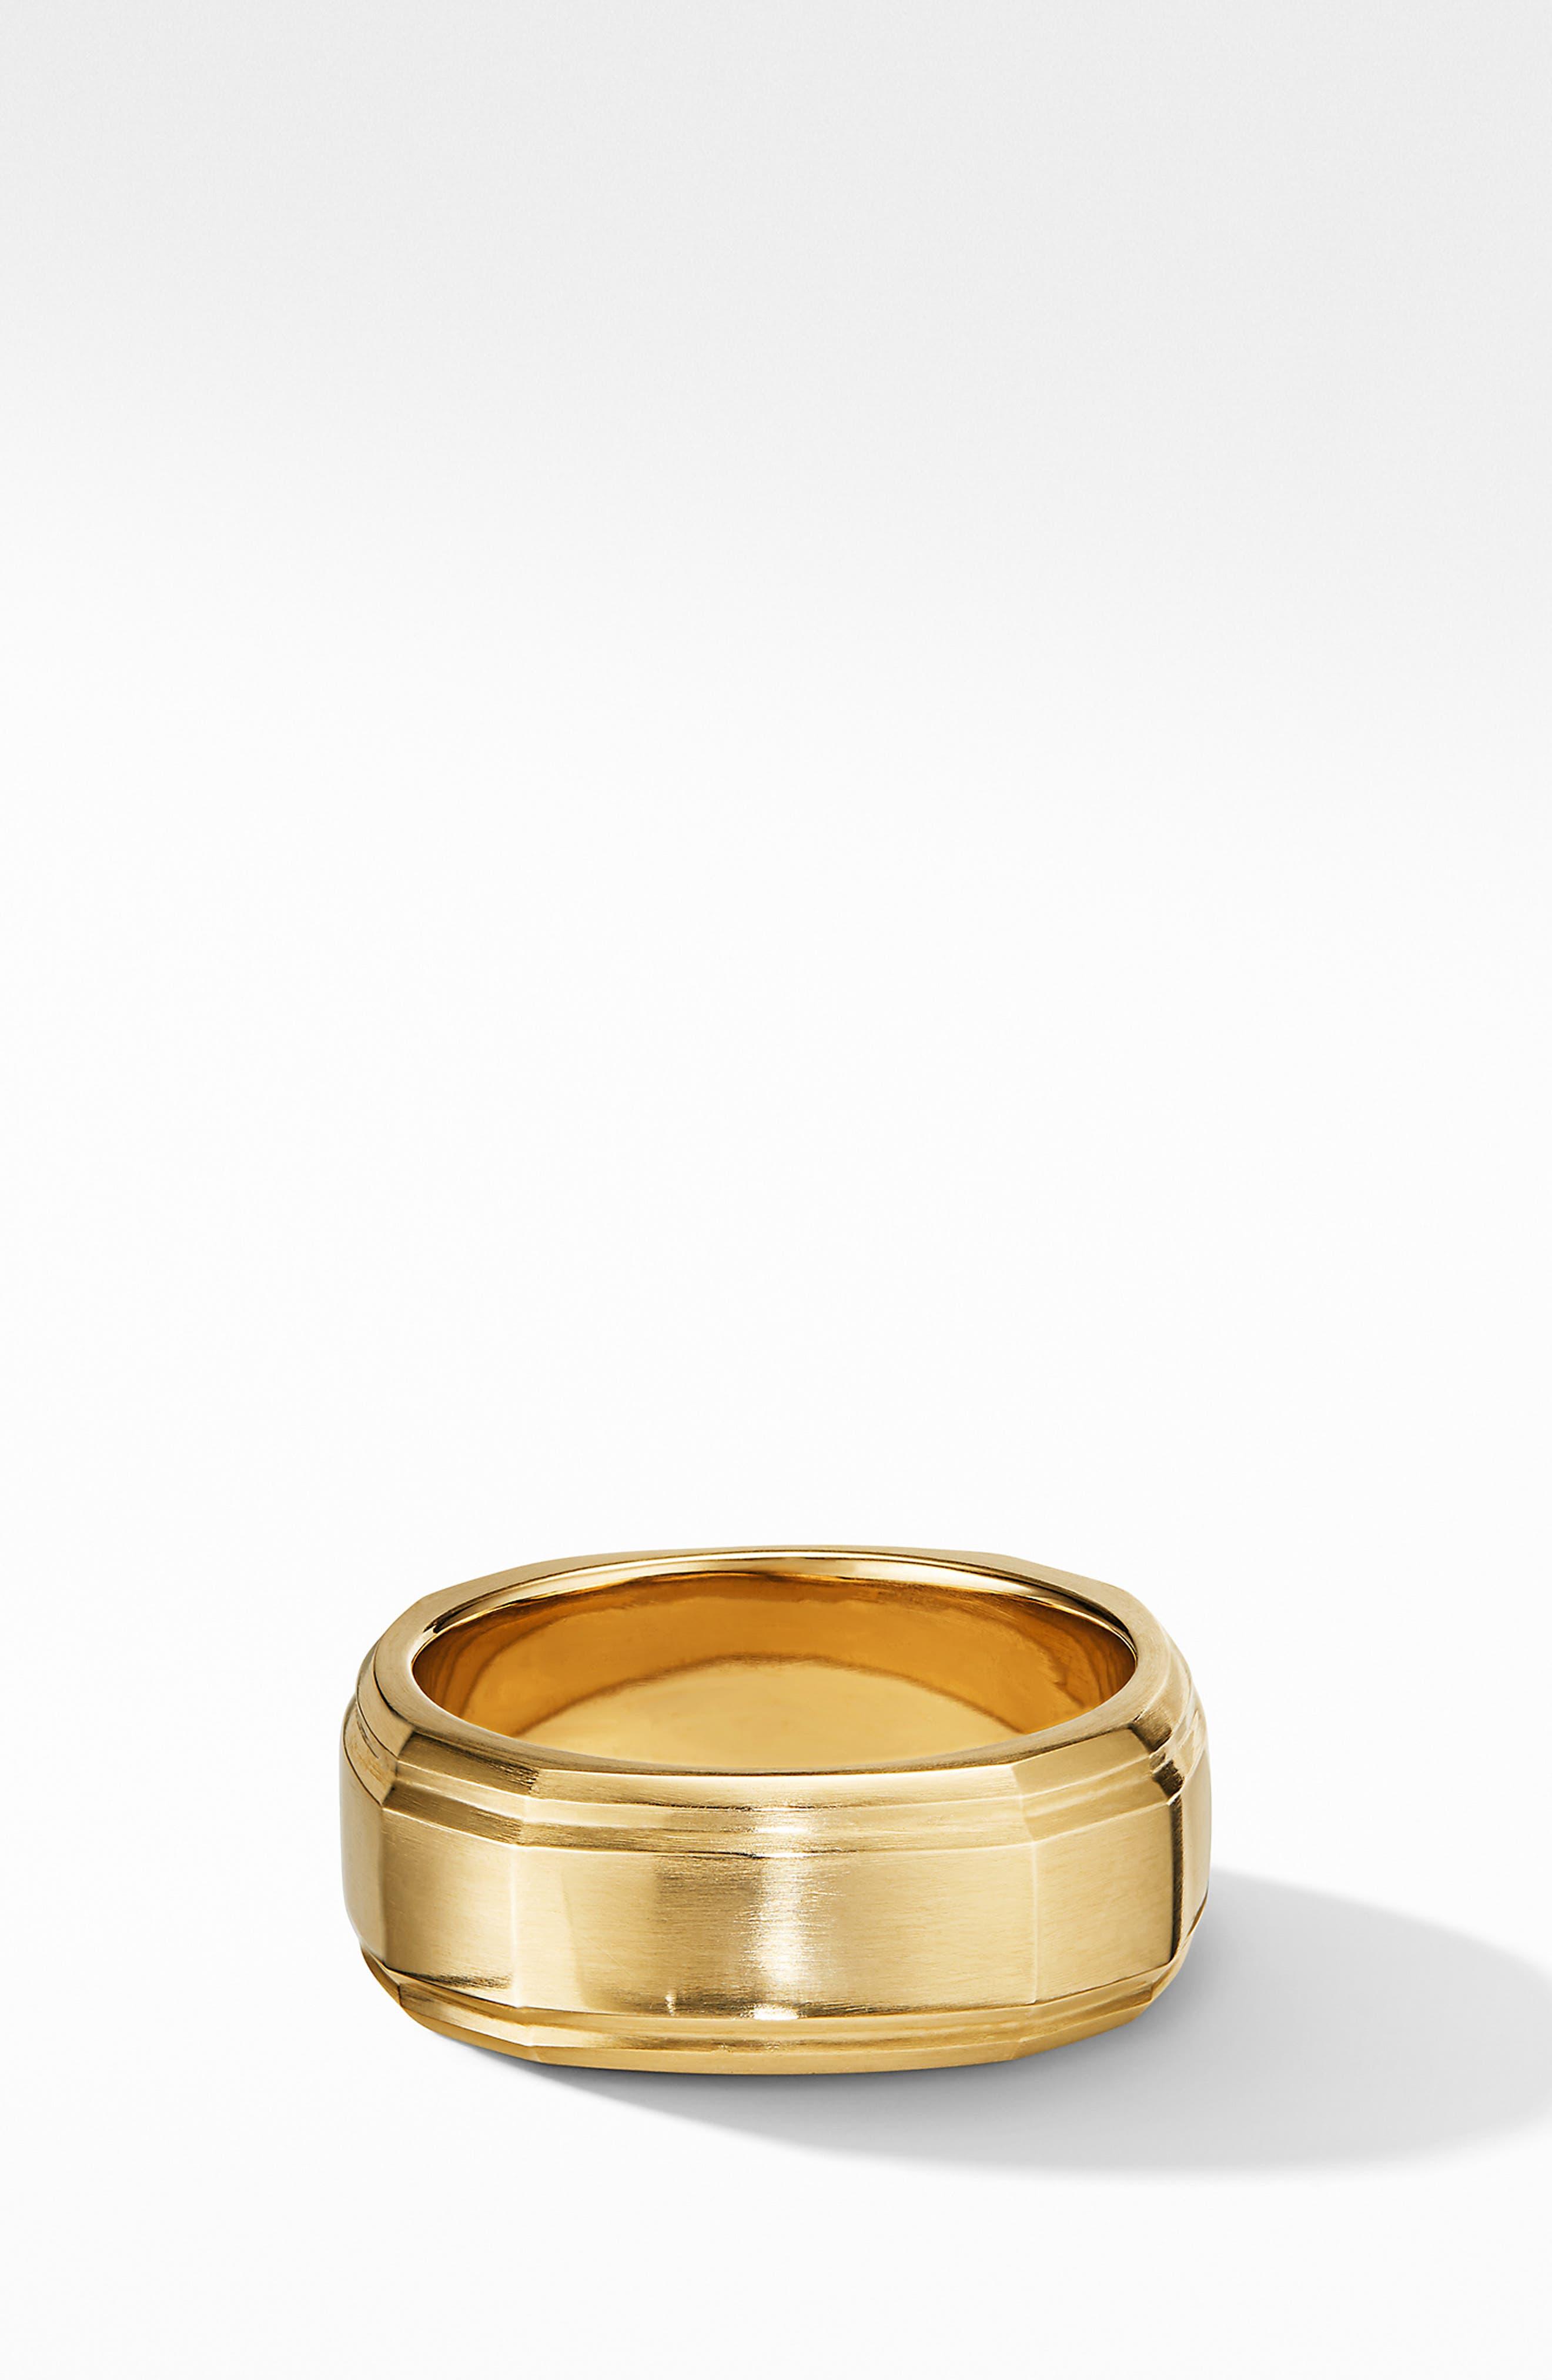 18K Gold Deco Band Ring,                             Main thumbnail 1, color,                             GOLD